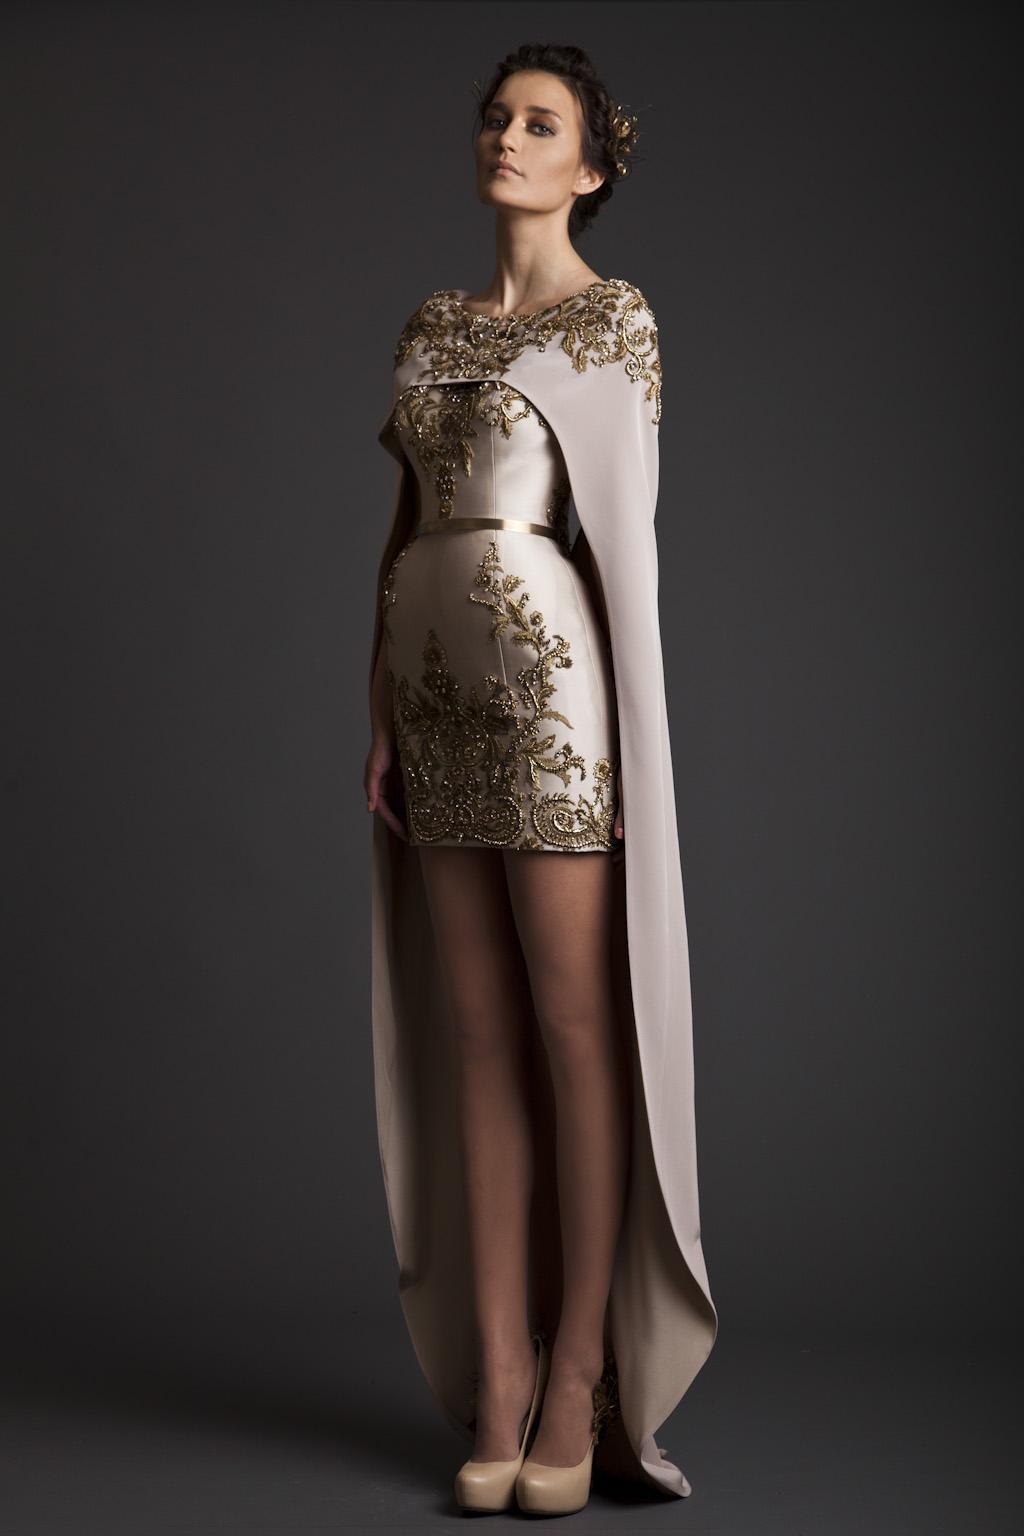 2019 Nueva Vintage Krikor Jabotian vestidos de noche vaina larga separada del cabo bordado satinado corto Champagne vestidos de baile